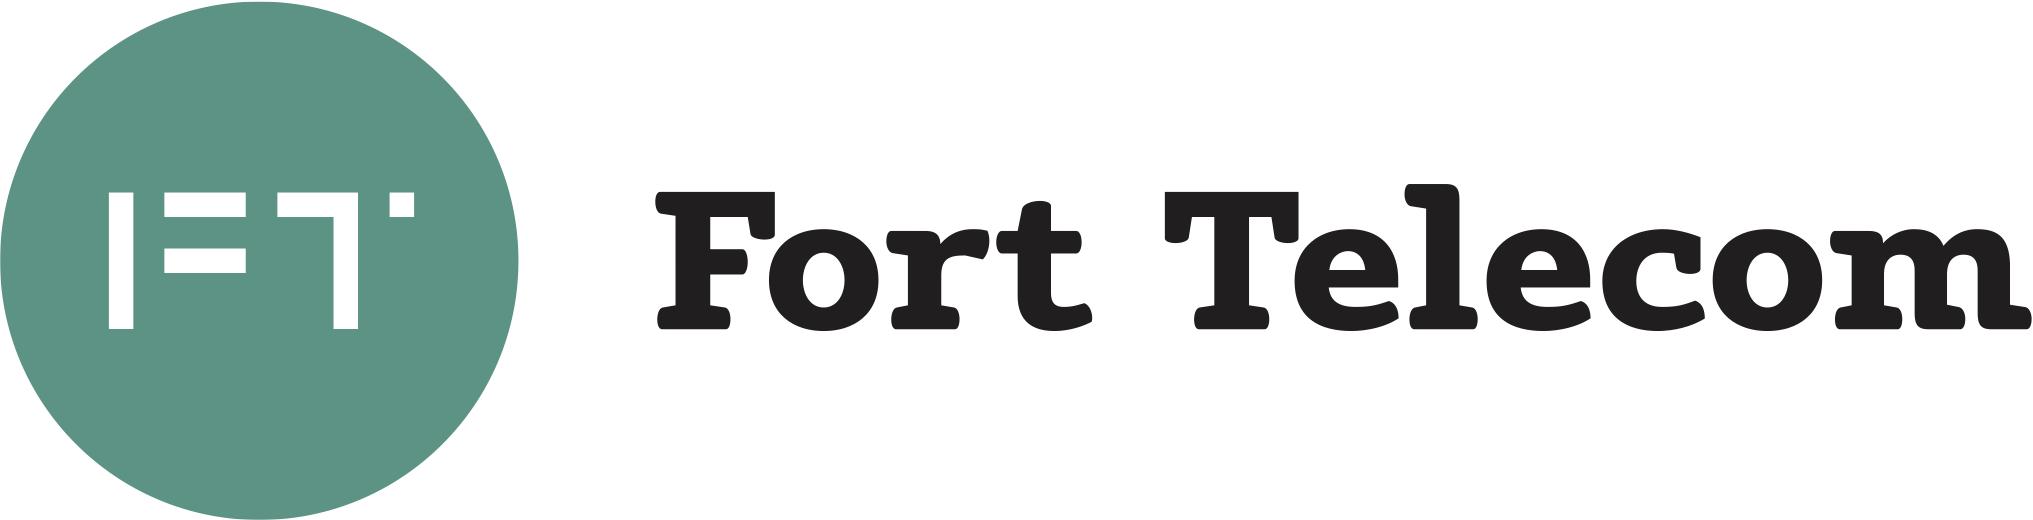 _fort-telecom-logo